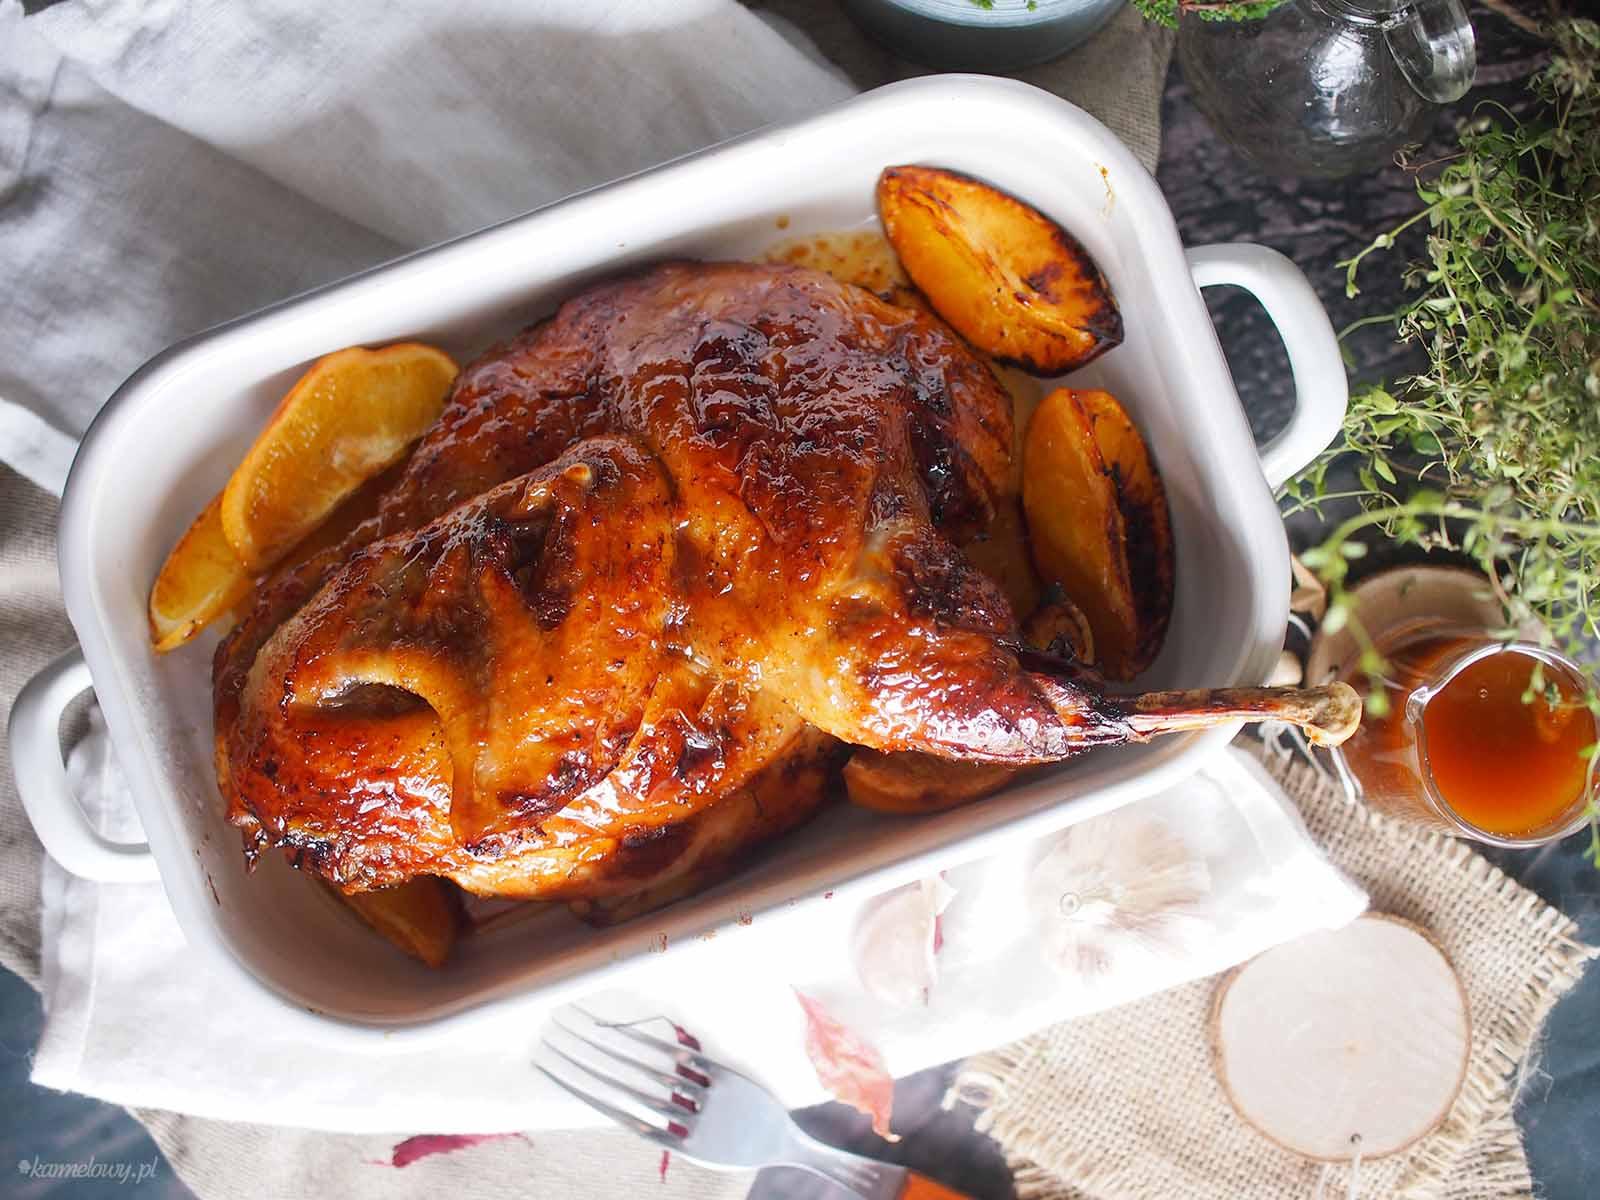 Pieczona-perliczka-w-pomaranczach-i-glazurze-miodowej-Honey-glazed-roasted-guinea-fowl-with-orange